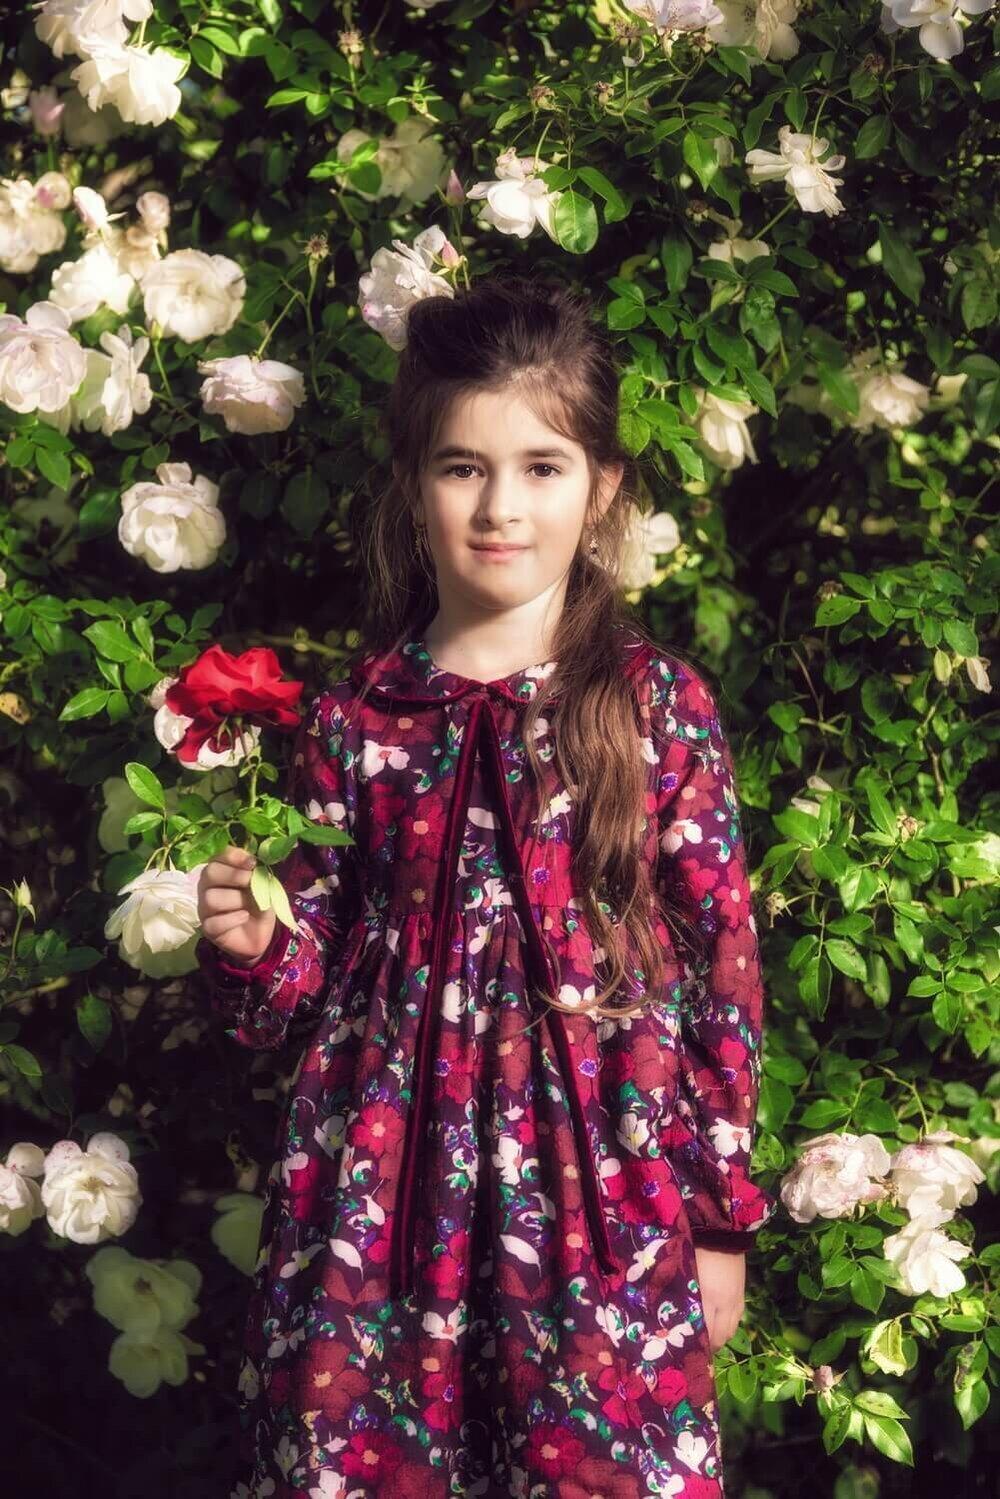 ילדה מחזיקה פרח אדום ומאחוריה שיח ורדים